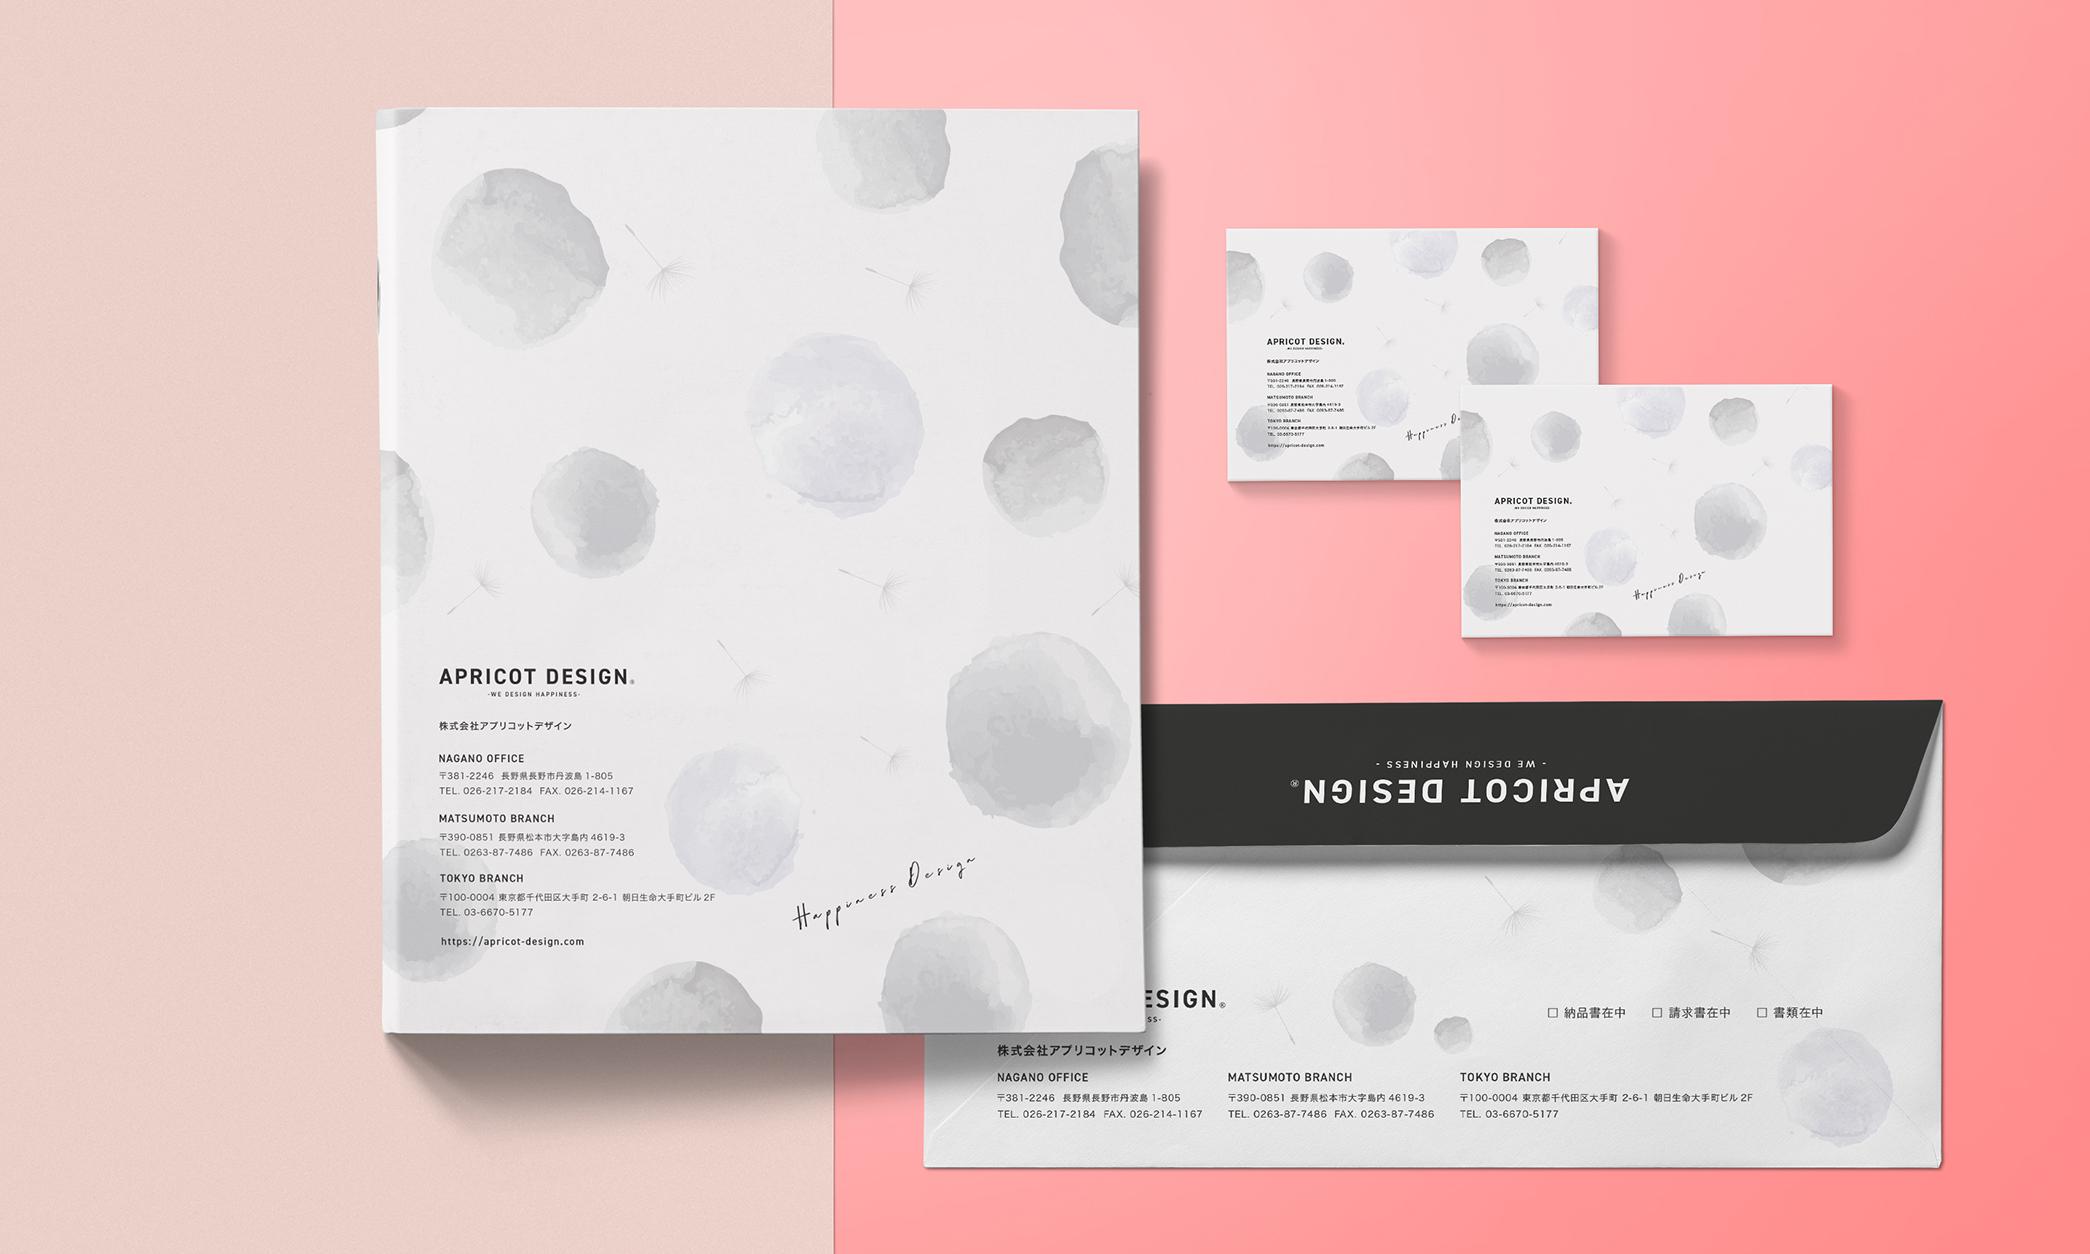 オリジナル封筒制作|長野(長野市・松本市)・東京・金沢(石川)のデザイン事務所 アプリコットデザイン